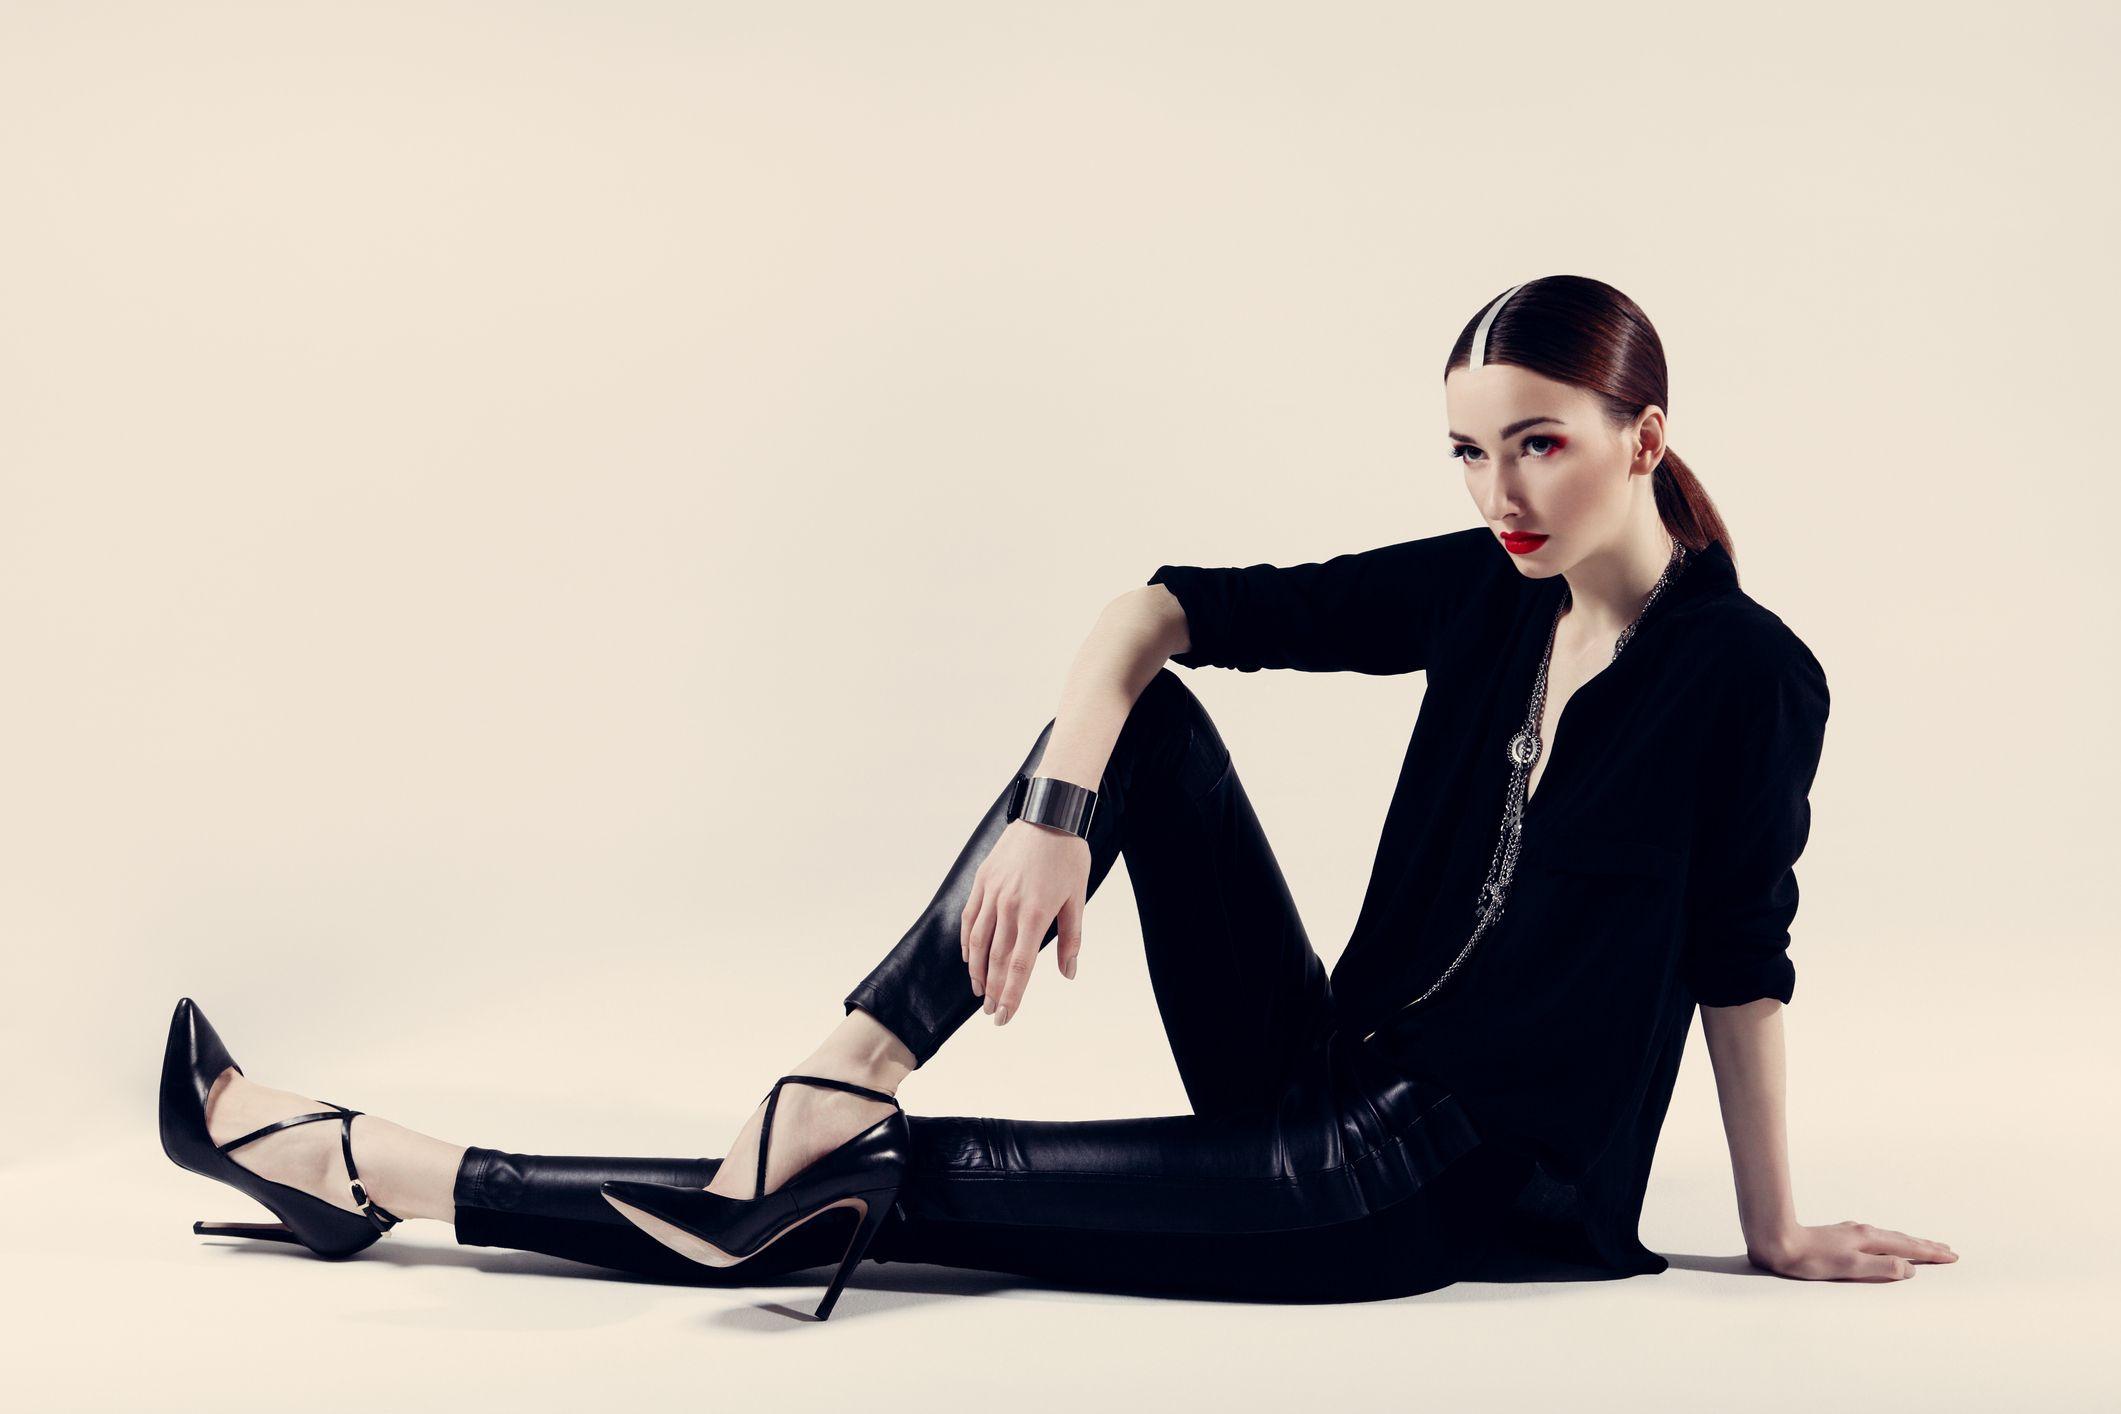 ファッションサービスで、全ての女性の幸せに貢献したい方・新たなものを世に出したい方募集!!